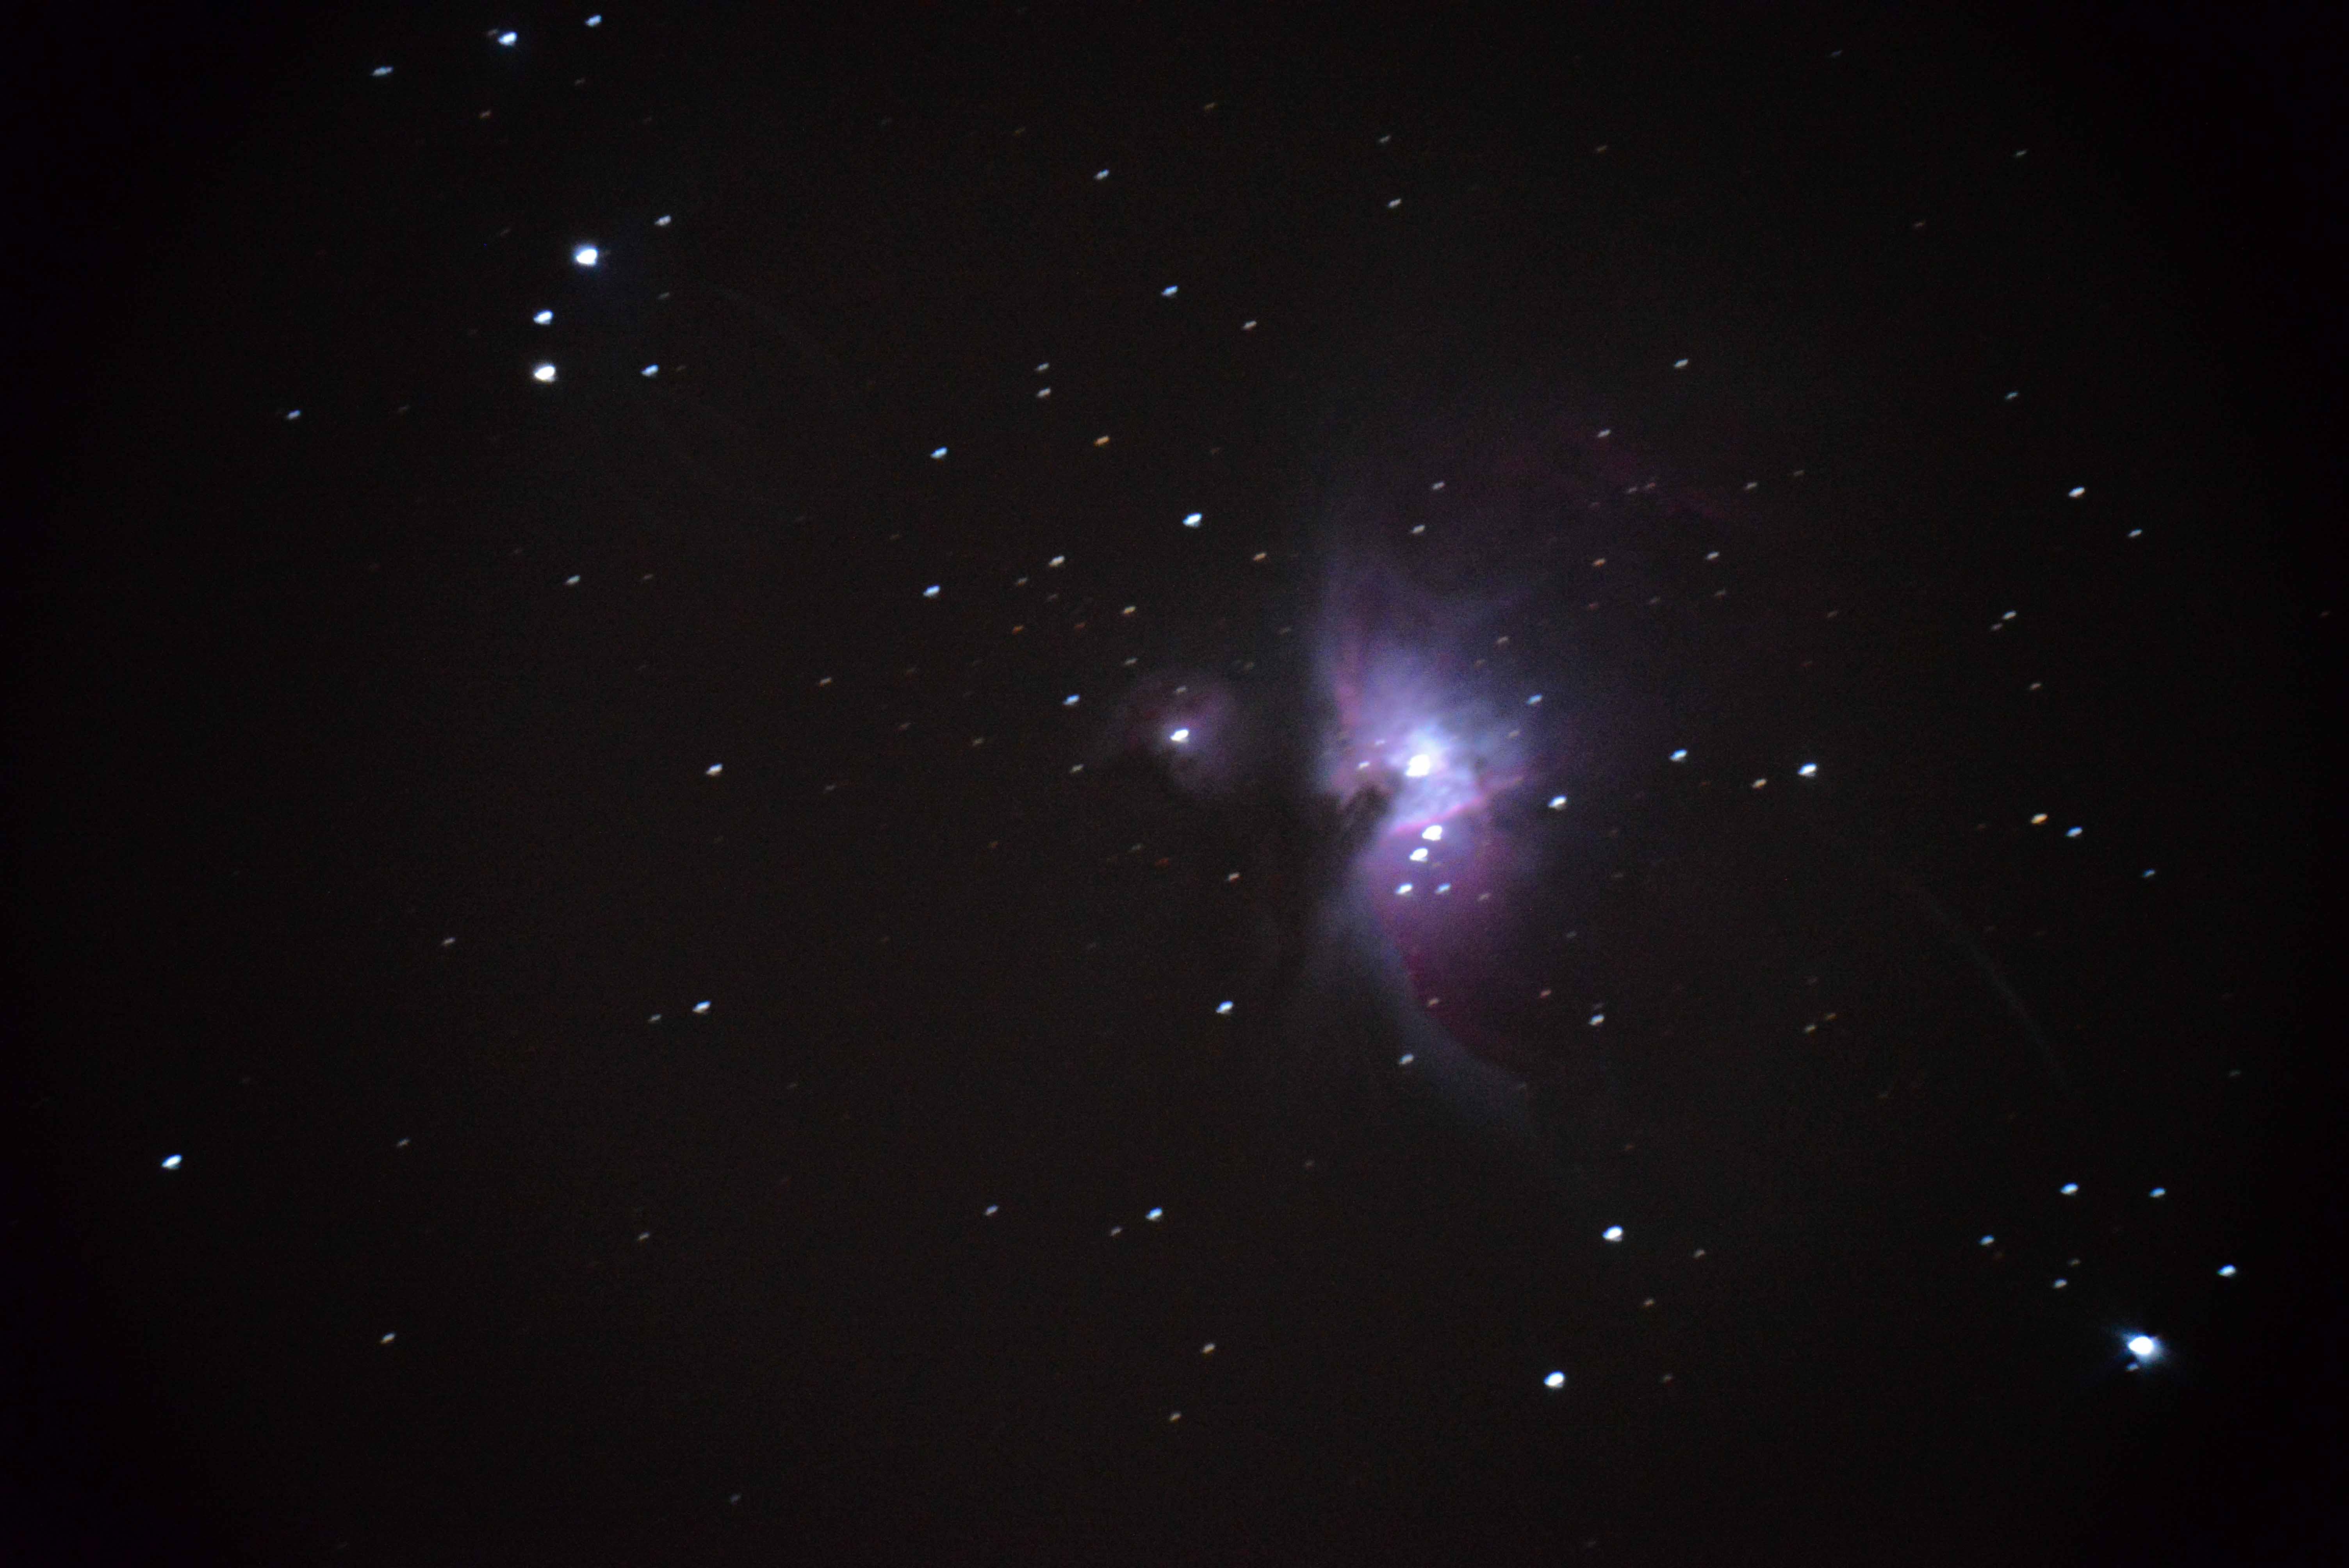 dsc_2578-orion-nebula-small-file-1c5f948254ea9debf54a2f51d0a2a9cc57c62cba